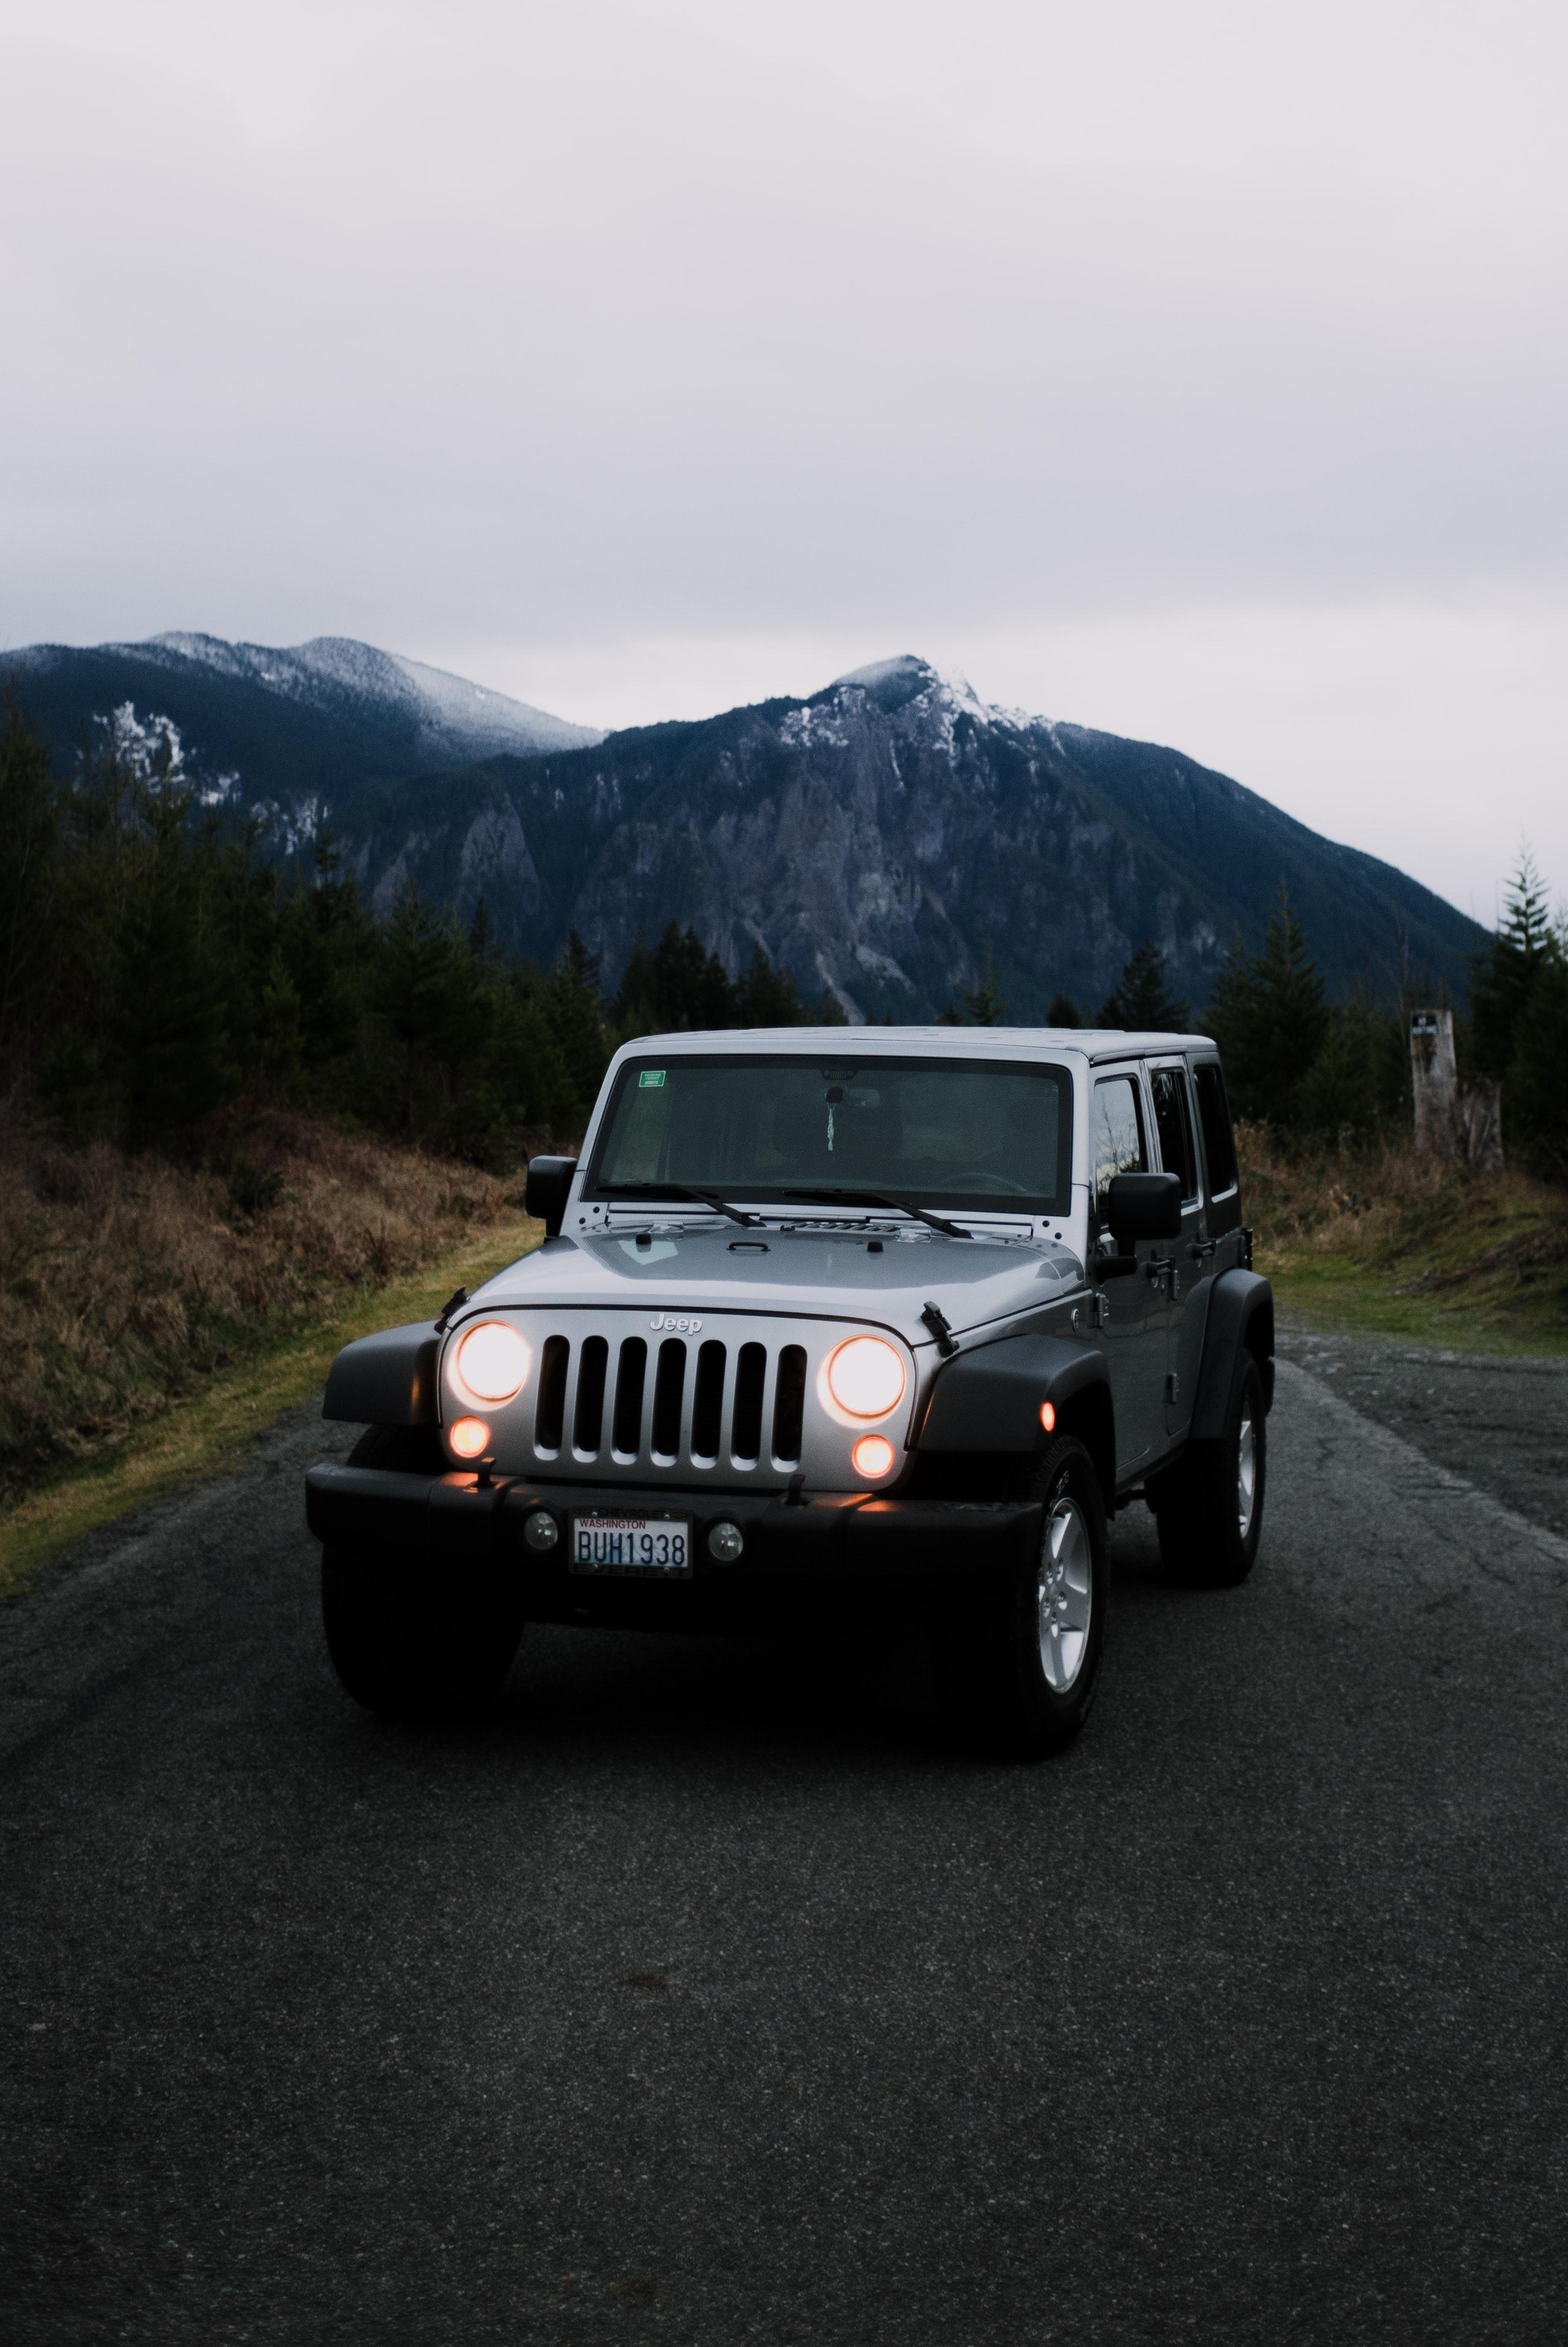 84963 скачать обои Внедорожник, Jeep, Тачки (Cars), Автомобиль, Серый, Jeep Wrangler - заставки и картинки бесплатно